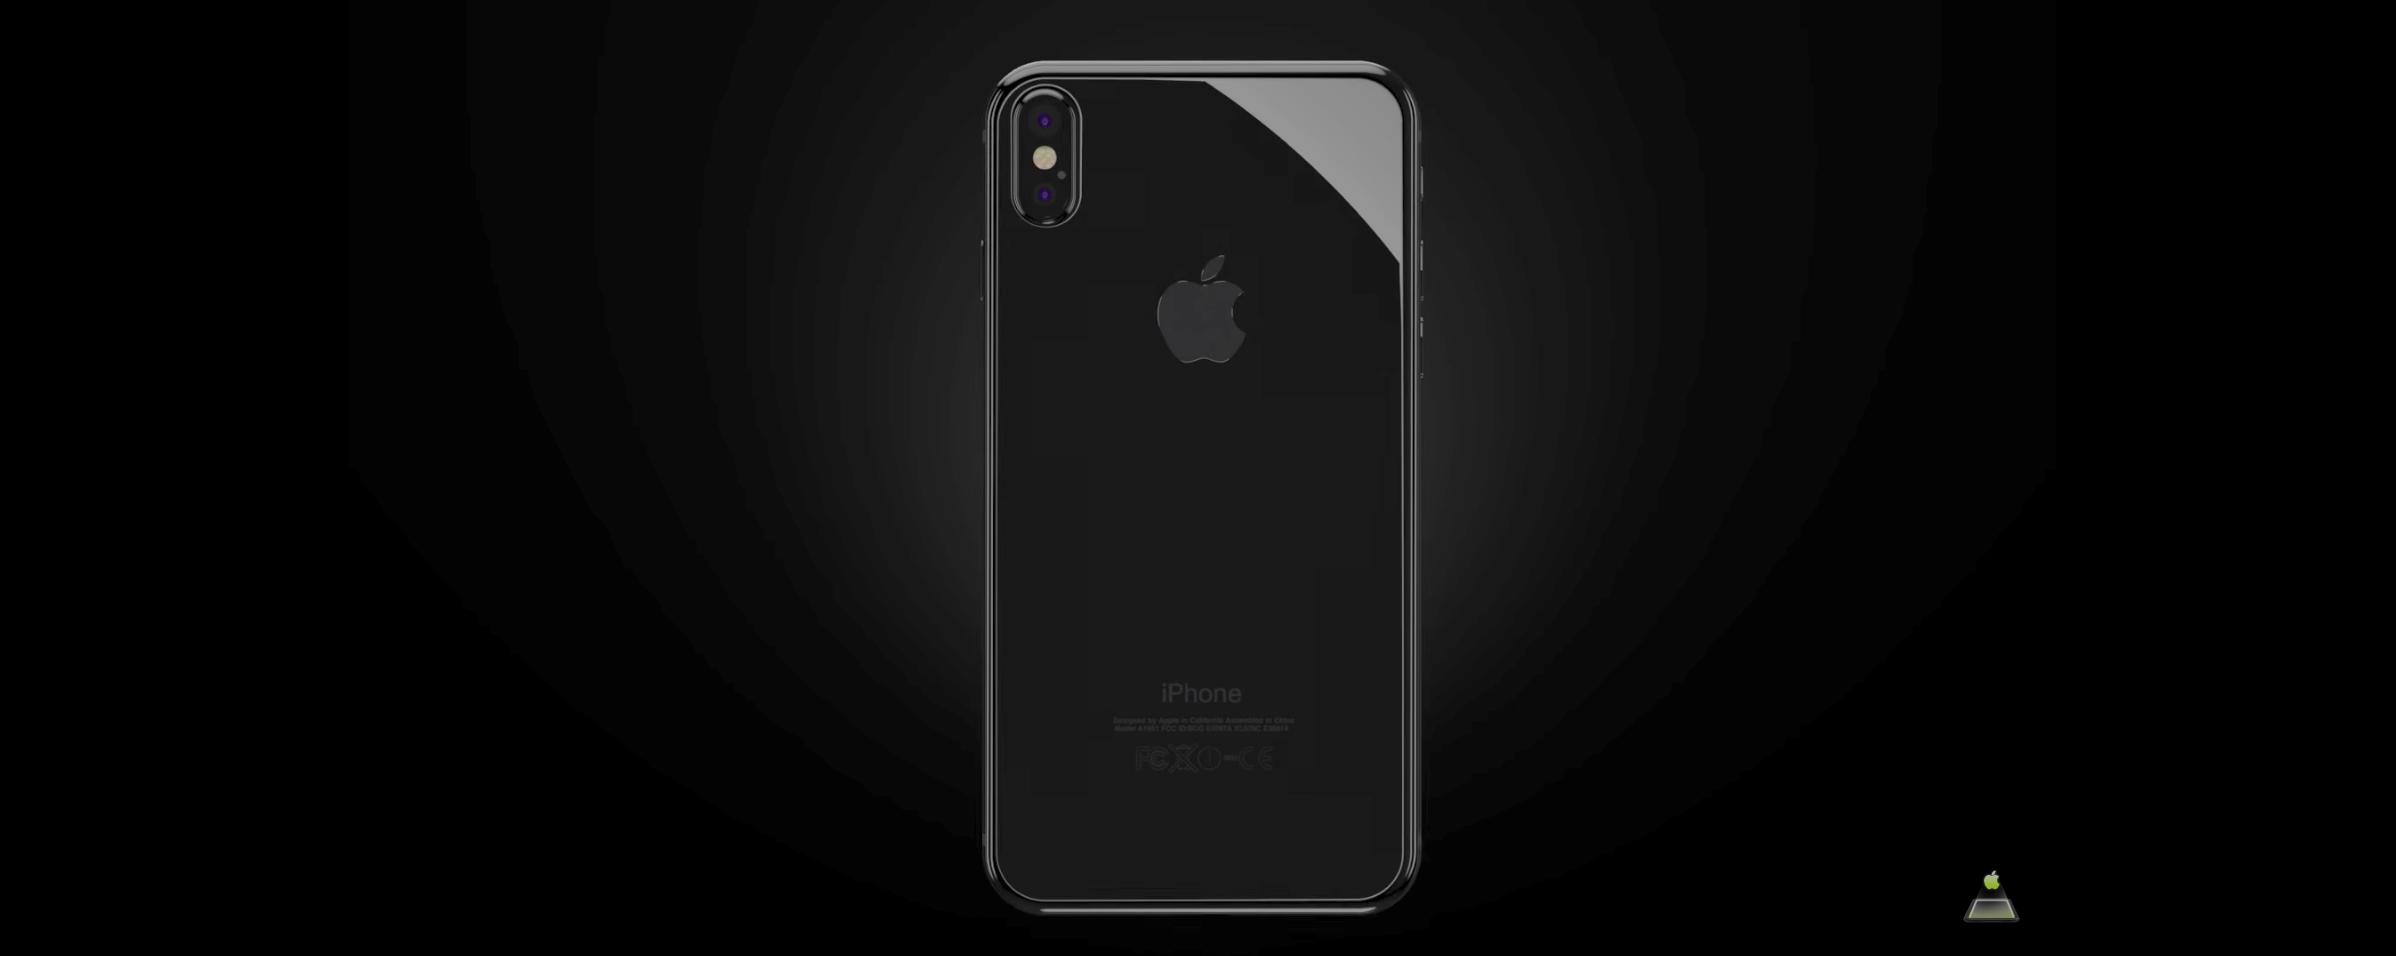 iPhone X, iPhone 8, iPhone 8 Plus: i veri nomi rivelati dal firmware di iOS